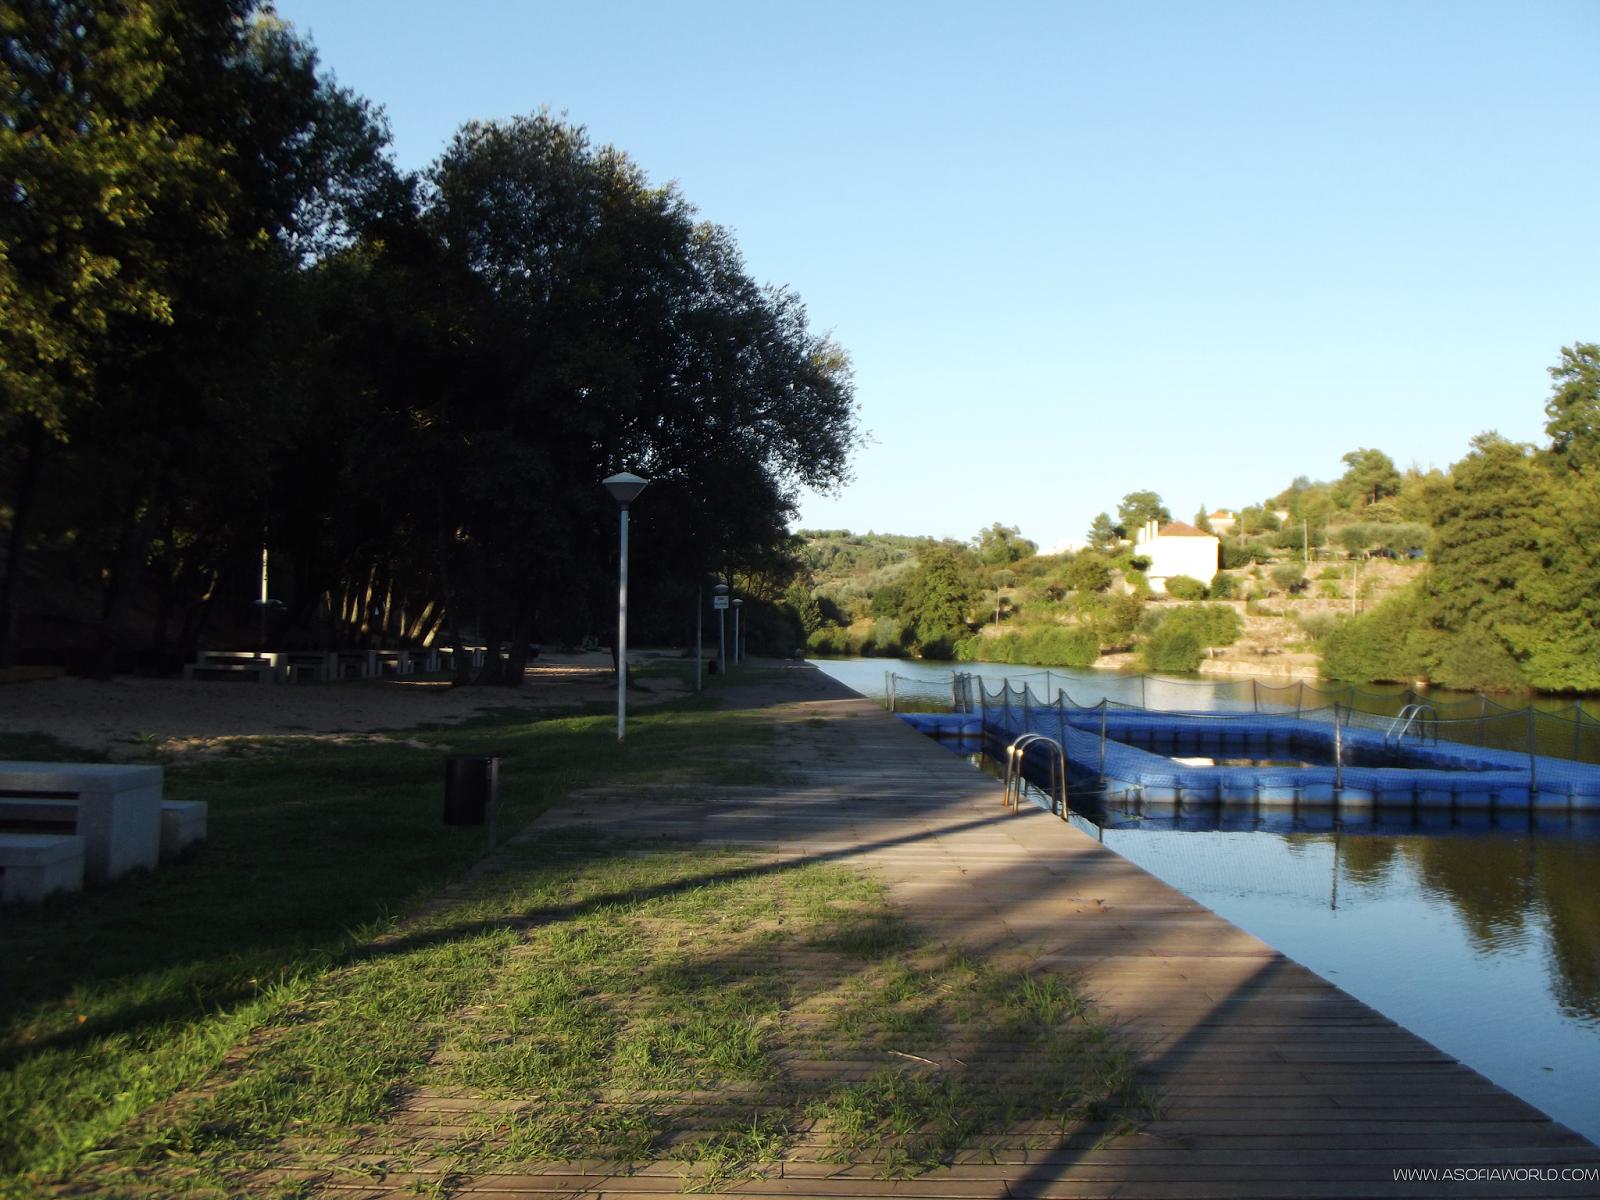 #ASWOnTour: Praia Fluvial de Ponte de Juncais (Fornos de Algodres)